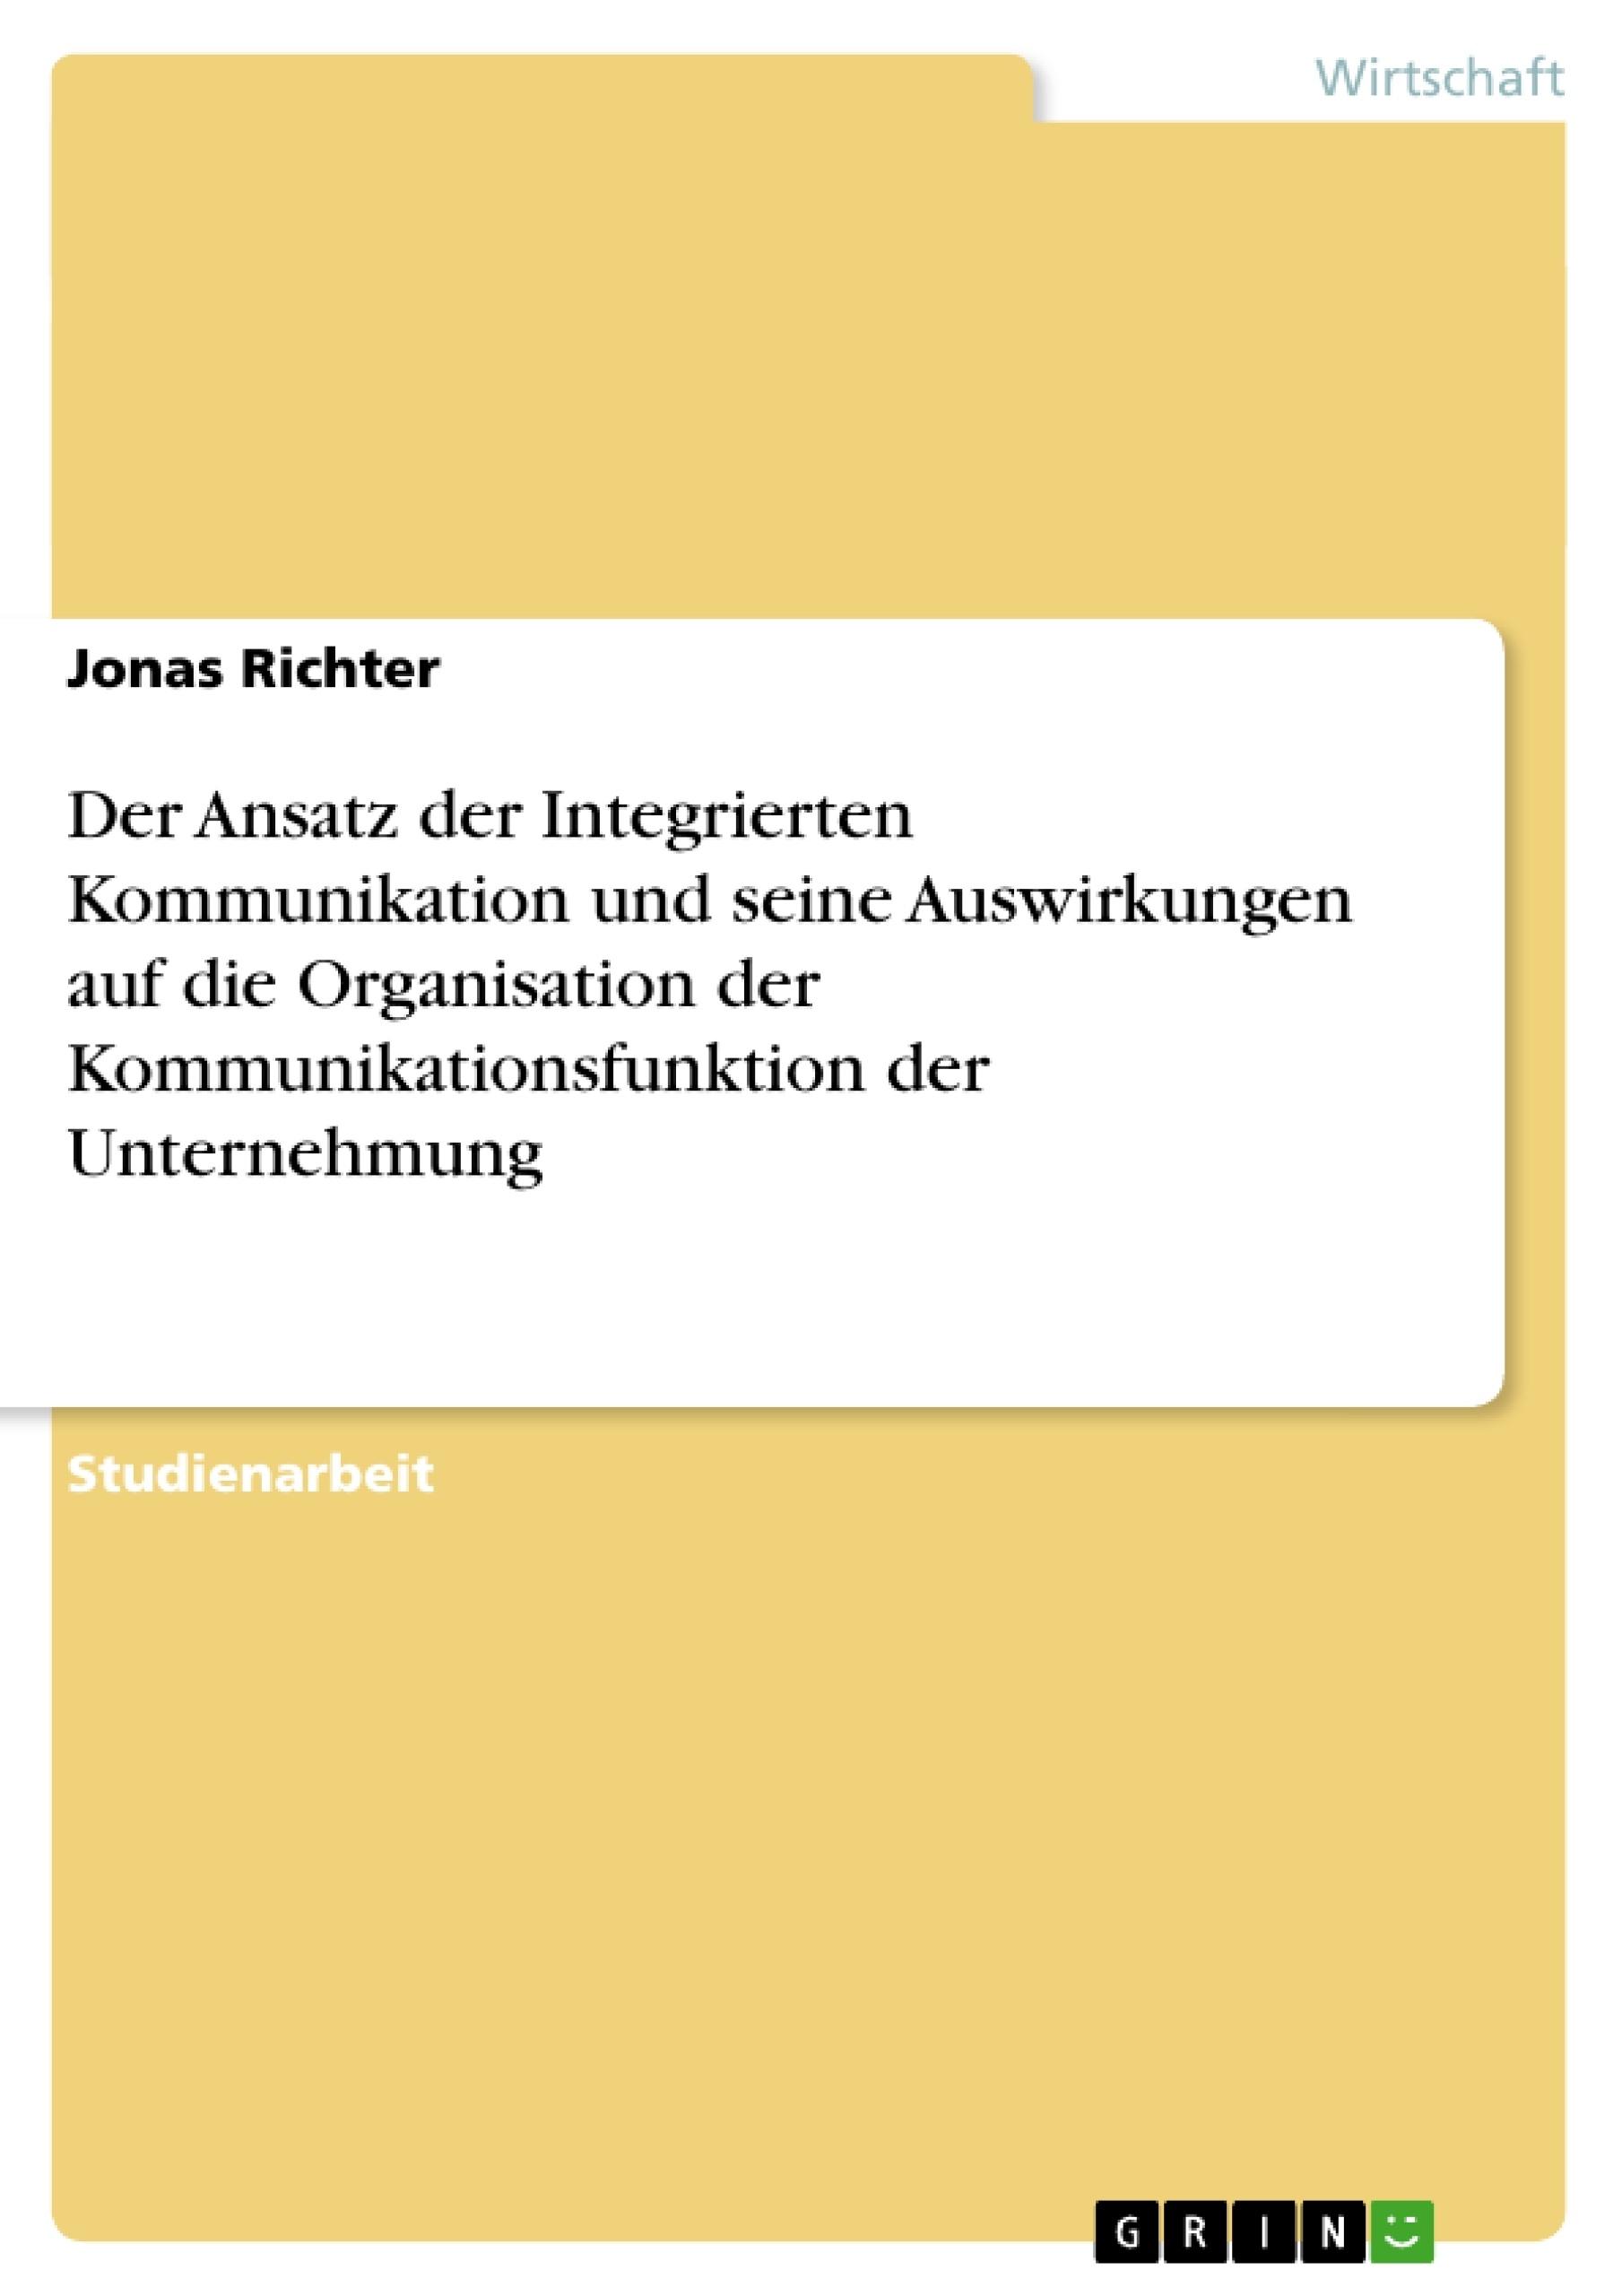 Titel: Der Ansatz der Integrierten Kommunikation und seine Auswirkungen auf die Organisation der Kommunikationsfunktion der Unternehmung